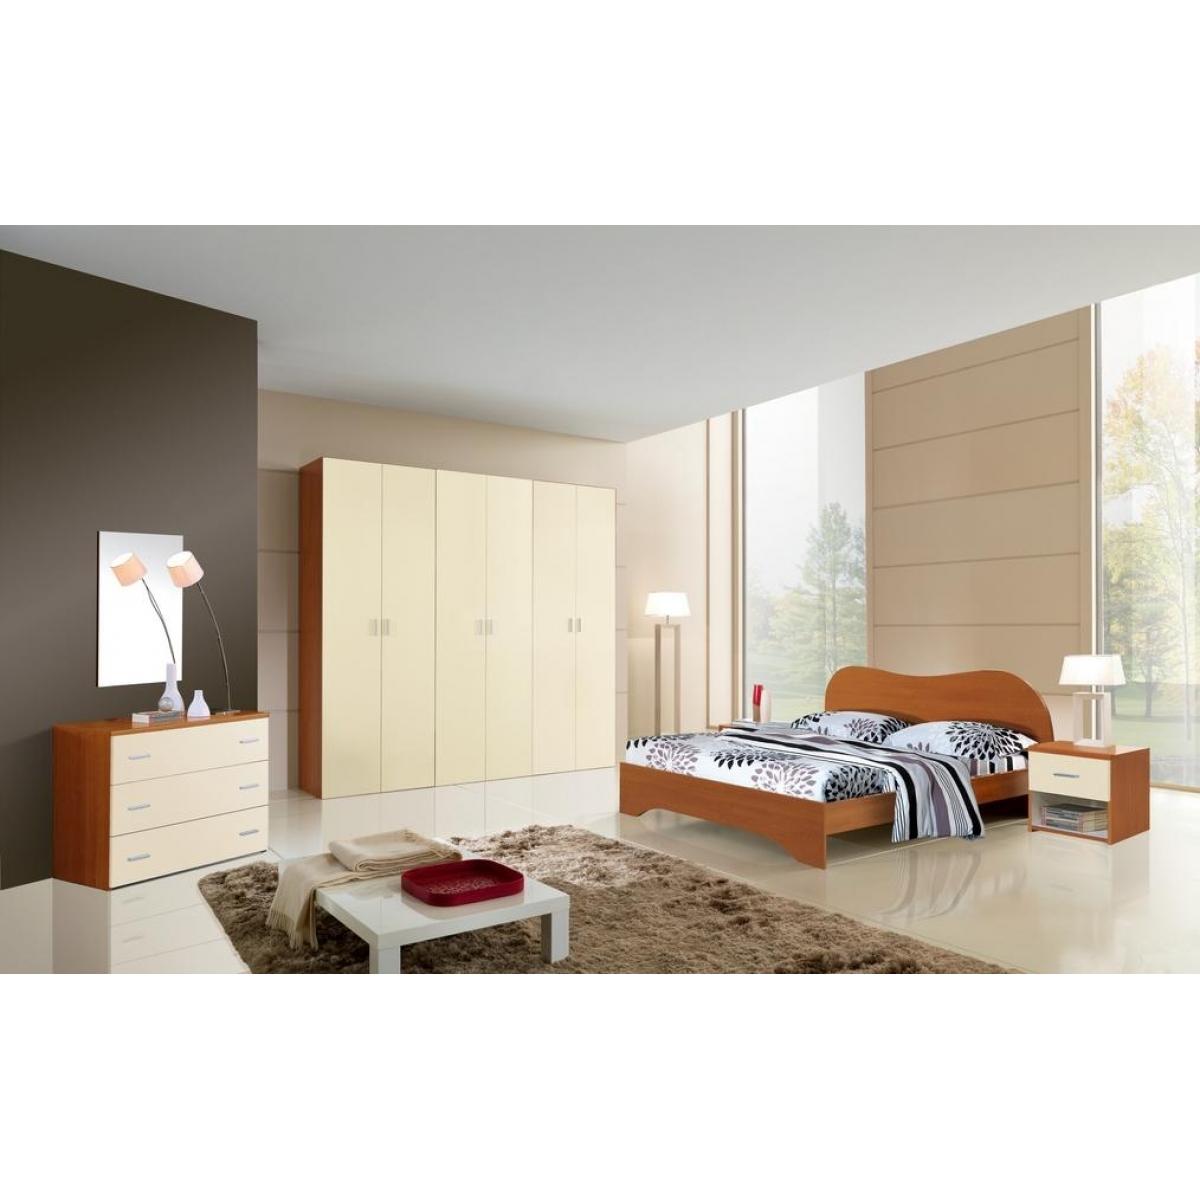 204 promozione camera da letto ciliegio crema - Camera da letto single ...